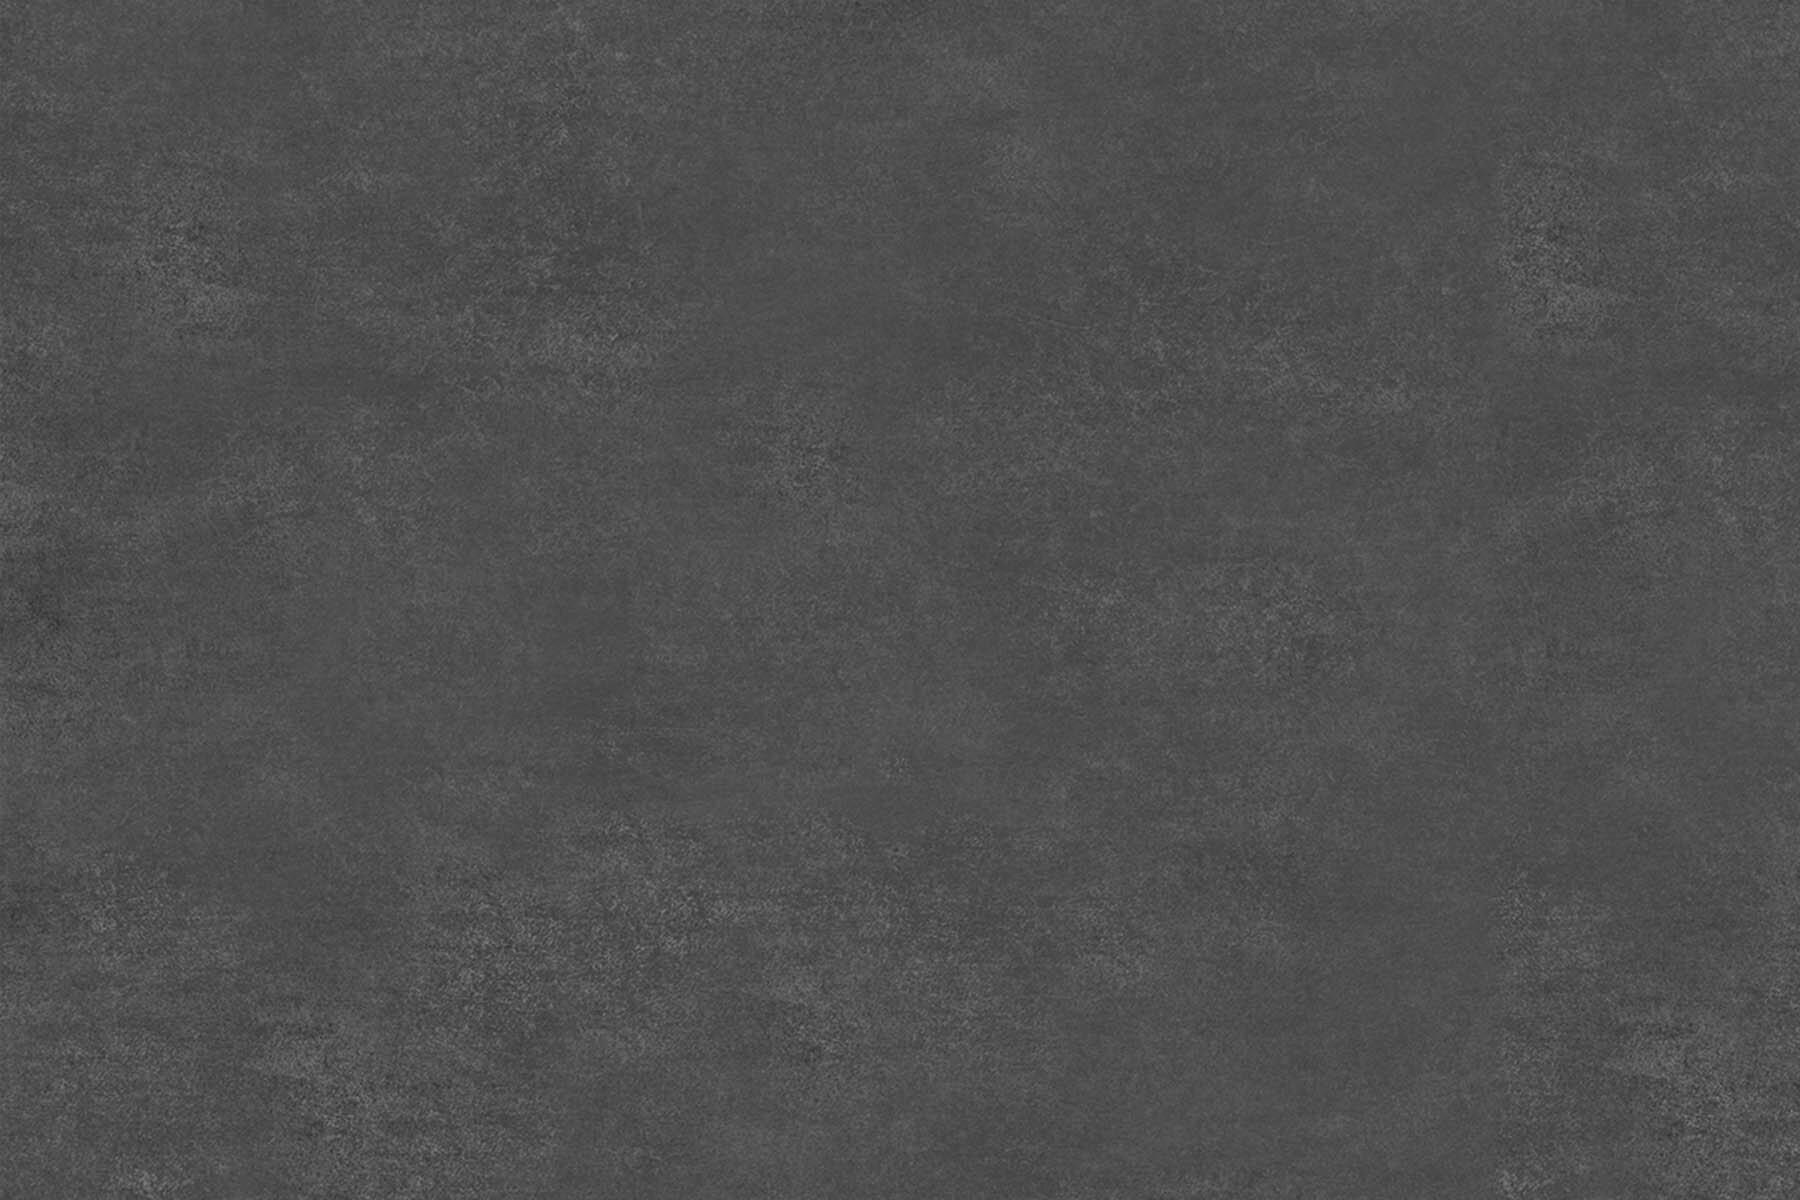 PlateART Duschrückwand mit Motiv Betonoptik glatt dunkel